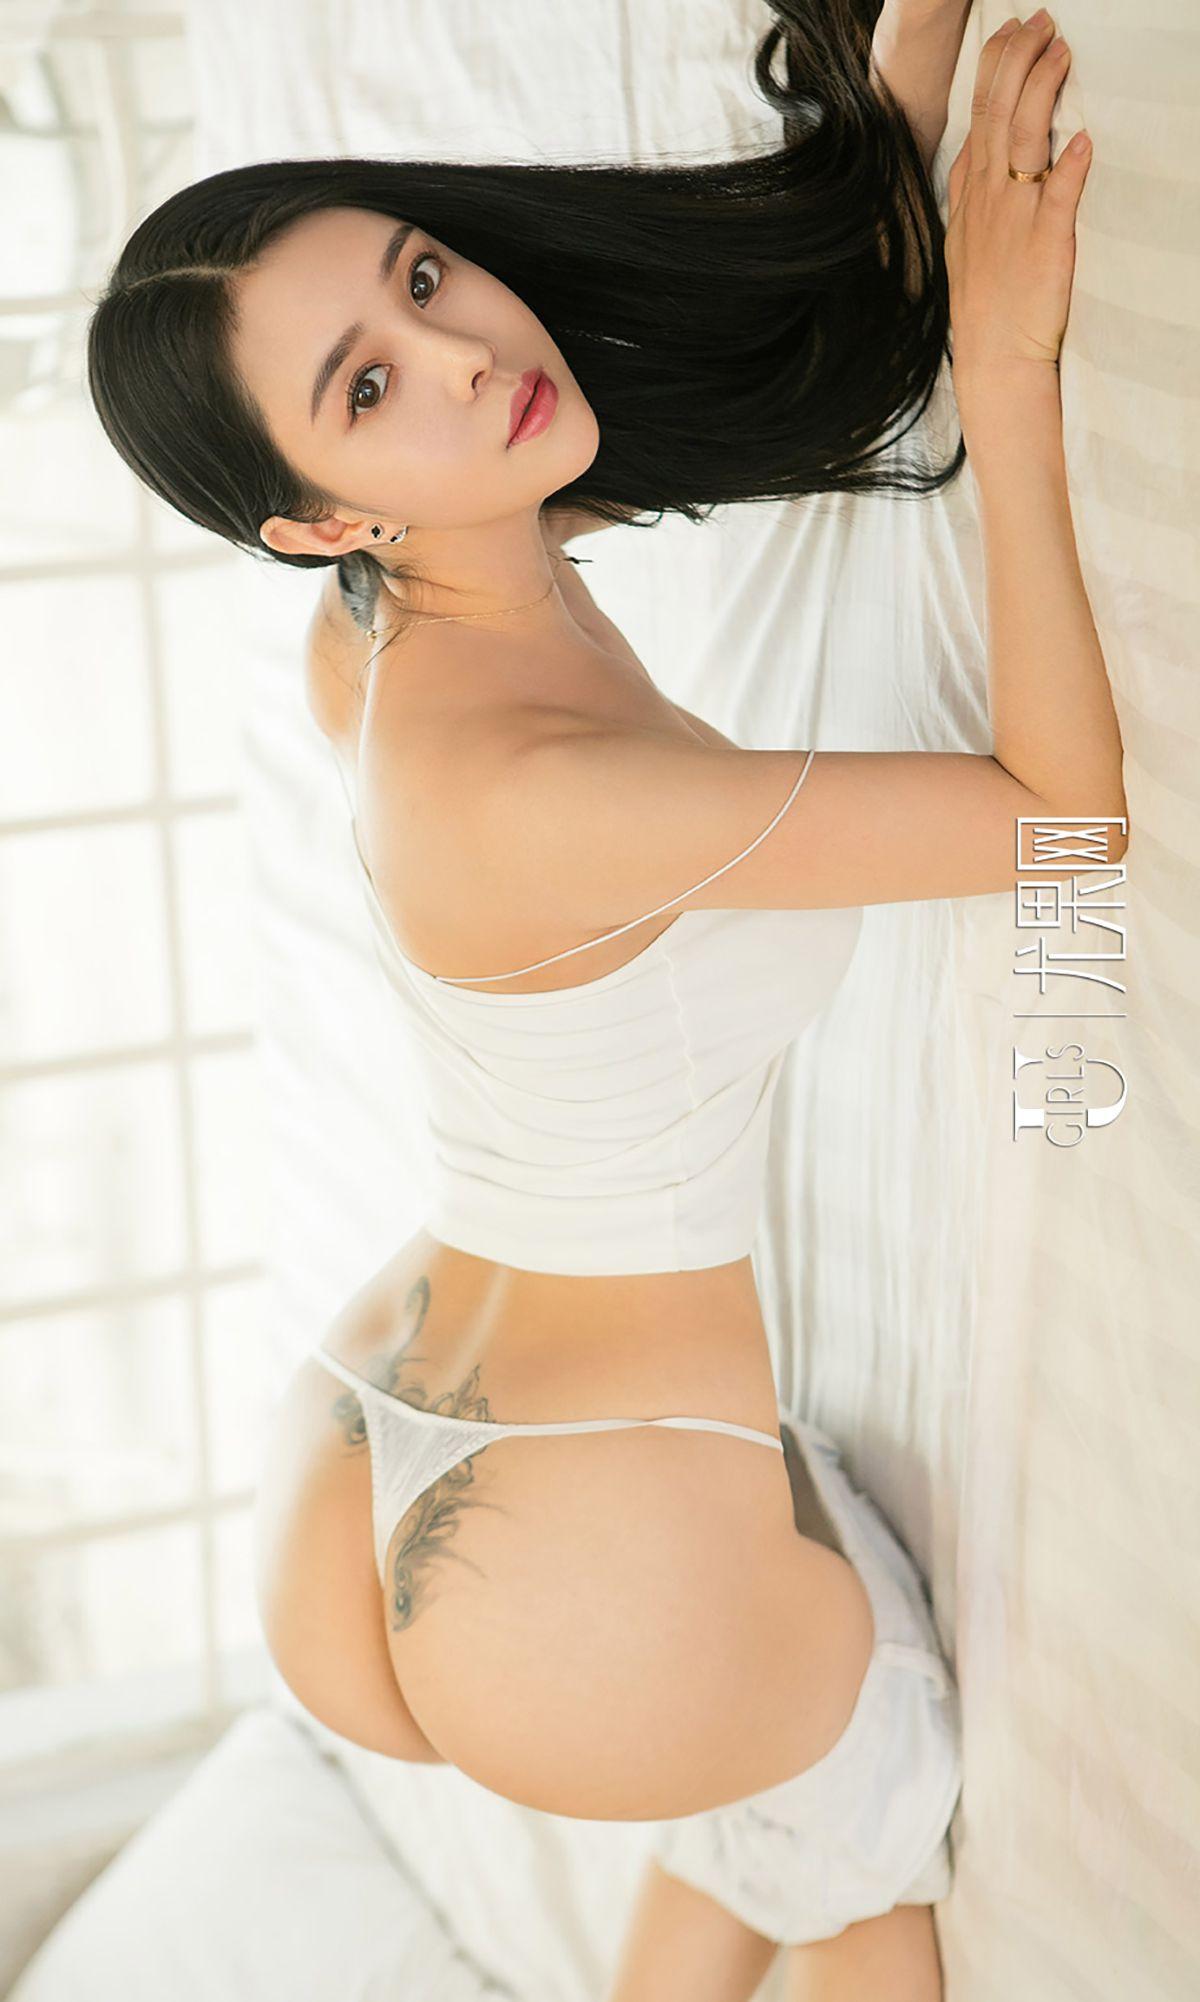 杜小雨 - 性感背带裤 写真图片